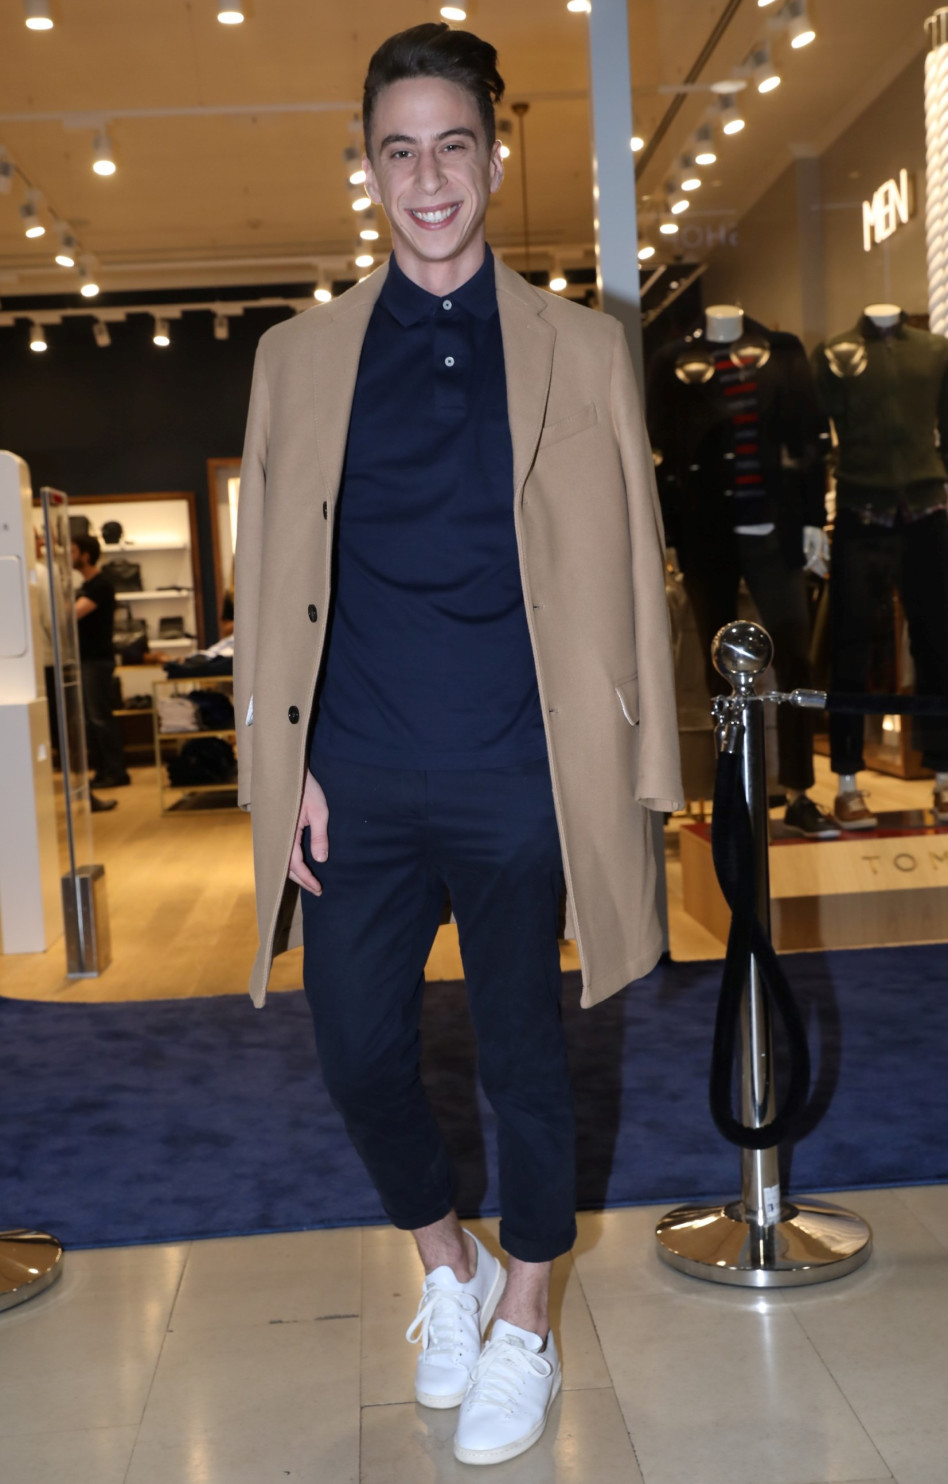 נושא גלימה, סליחה, מעיל. טום באום